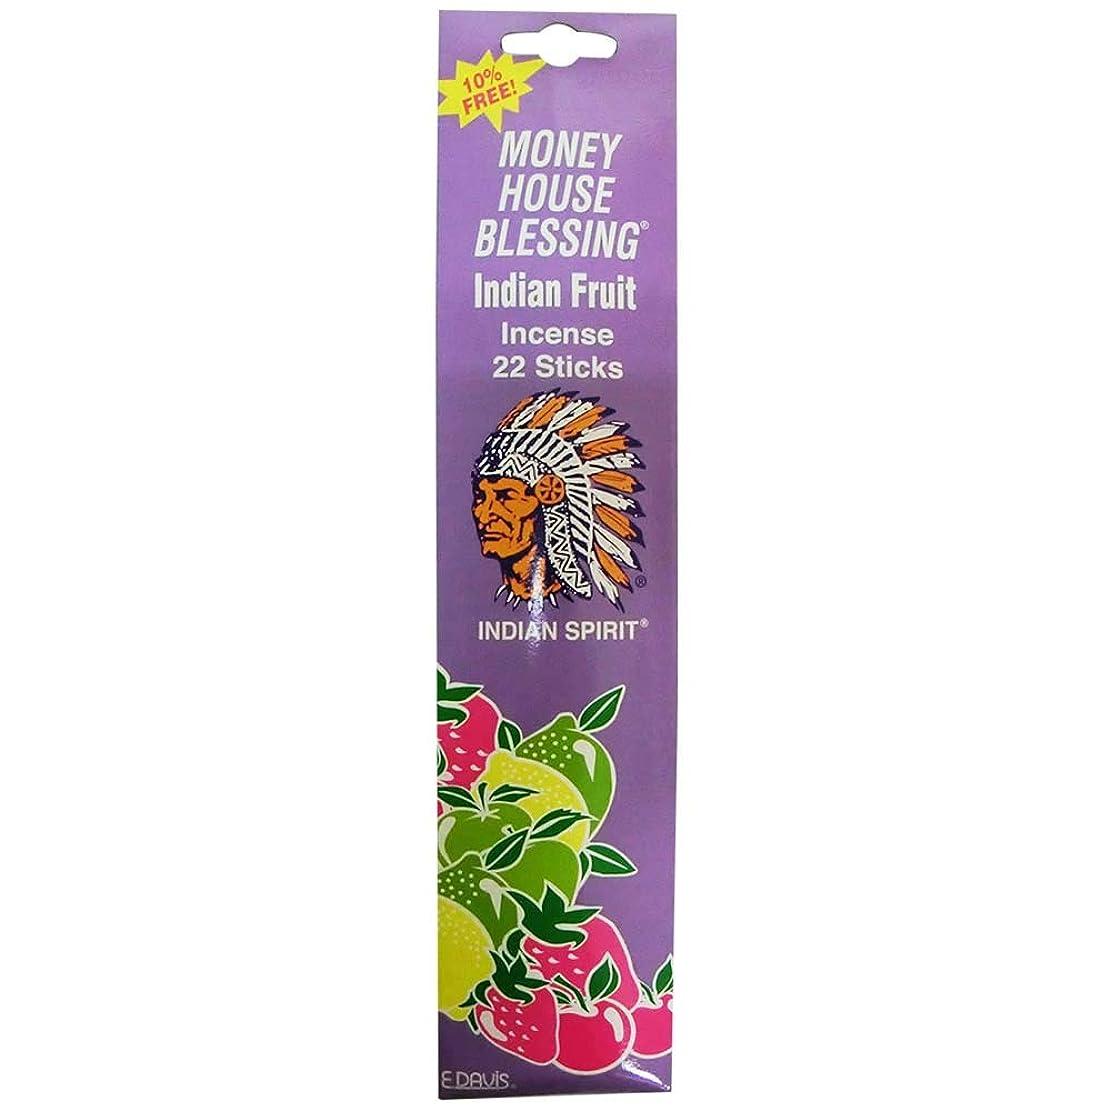 トレイル魅惑する応援するMoney House Blessing Incence Indian Fruit スティックインセンス